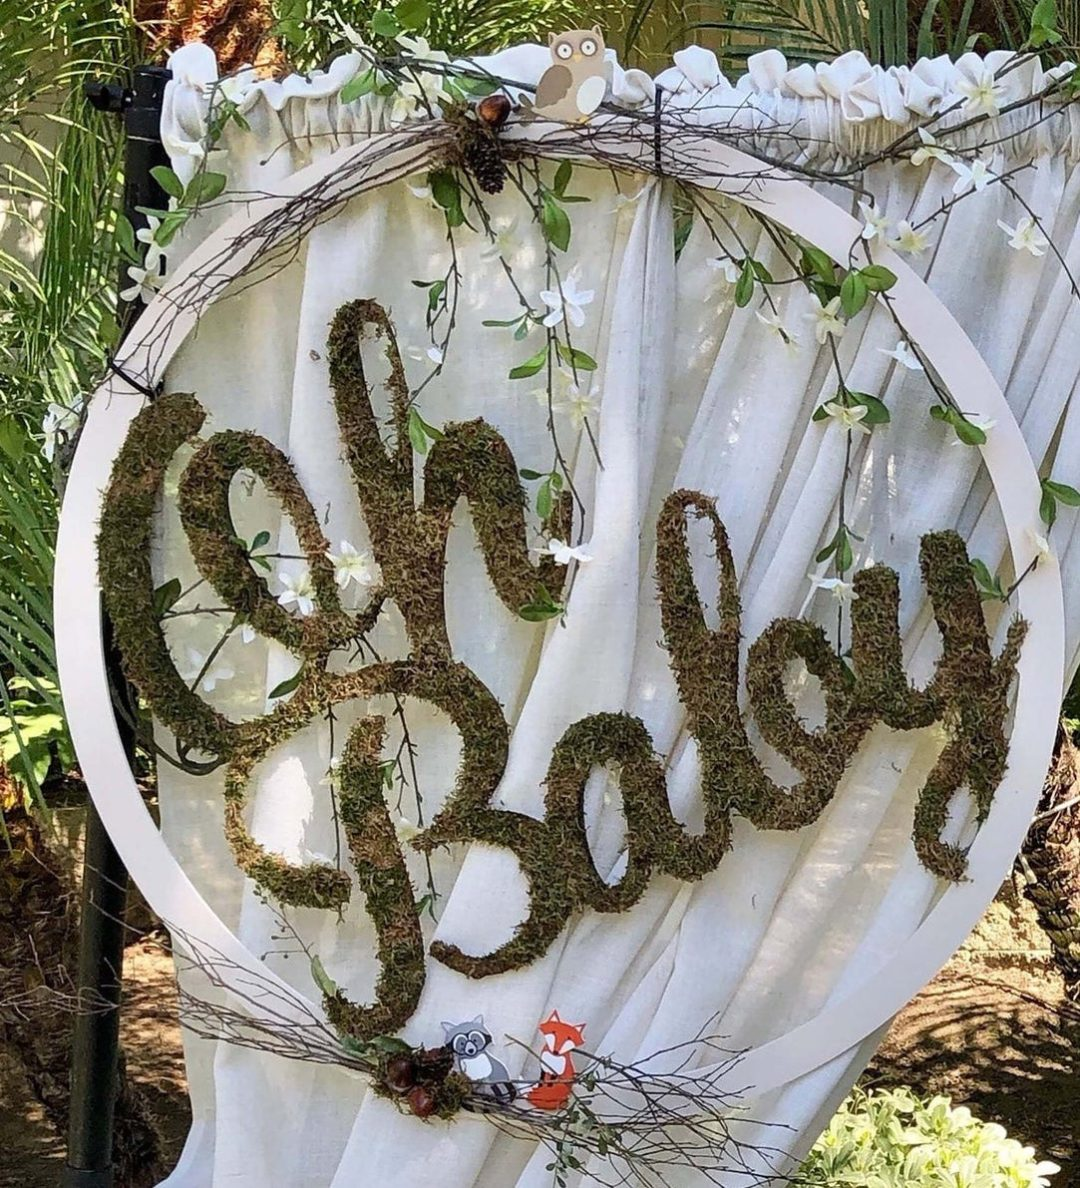 Large woodland Oh Baby nursery sign decor